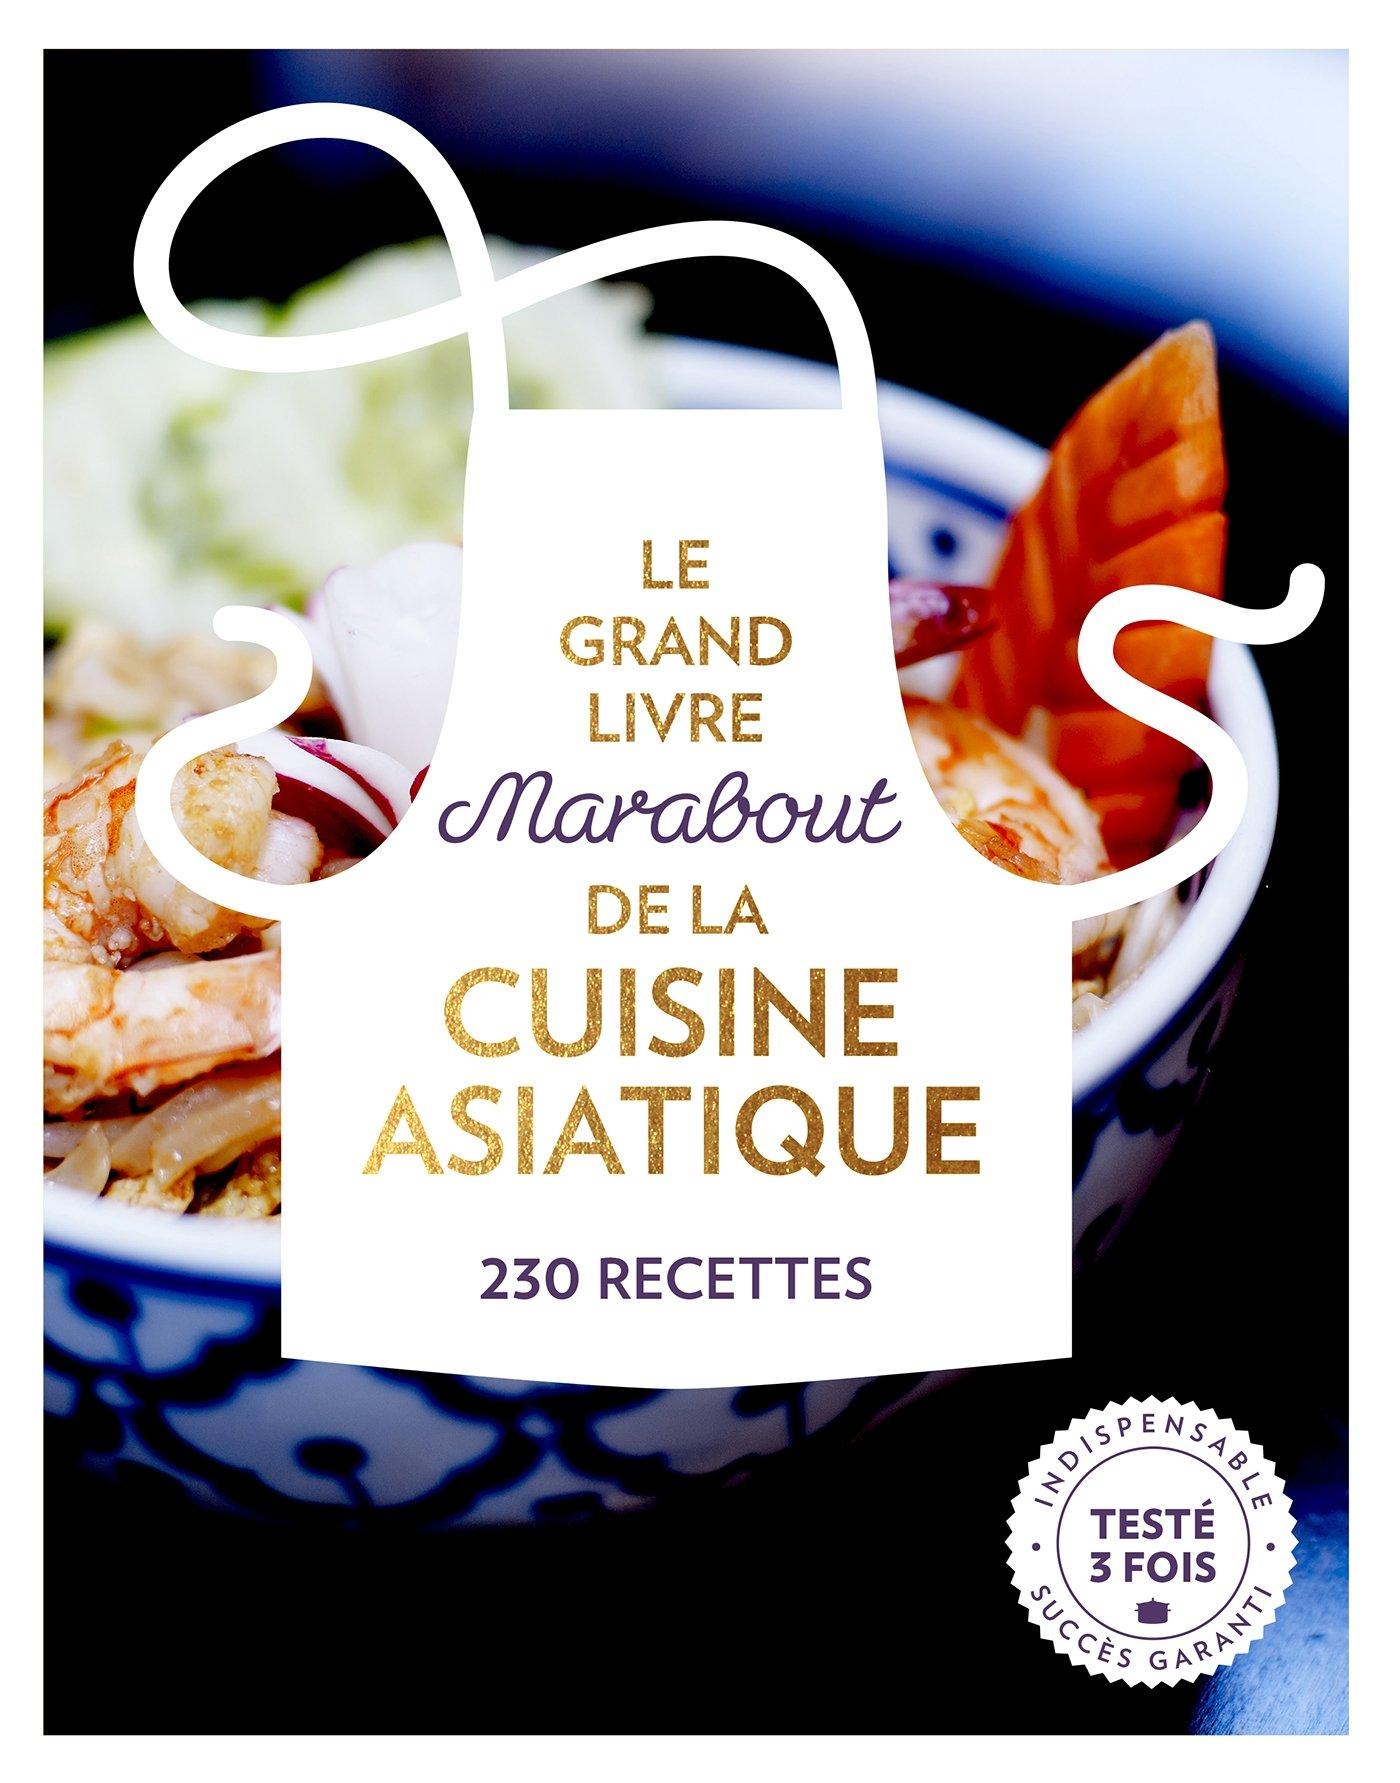 Le Grand Livre Marabout De La Cuisine Asiatique 230